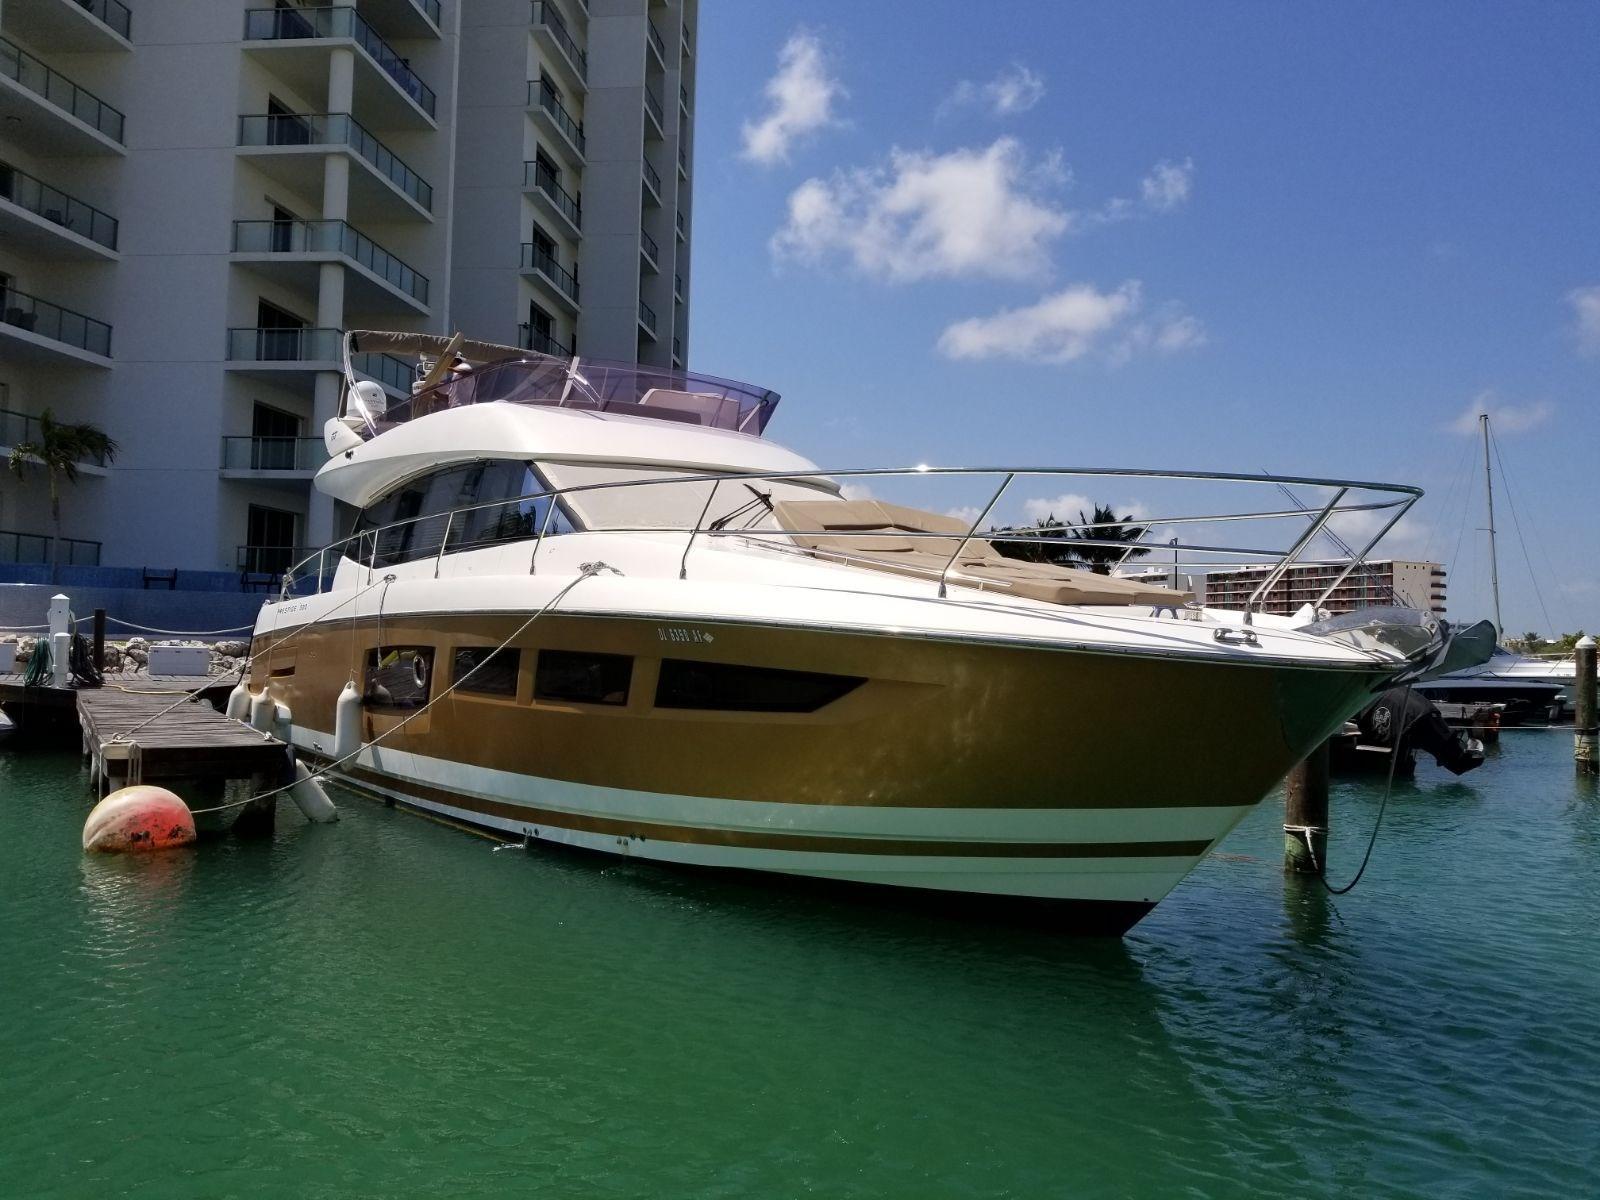 2012 Prestige 500 Yacht For Sale In Fort Lauderdale Fl Mein Traum Stock B60148